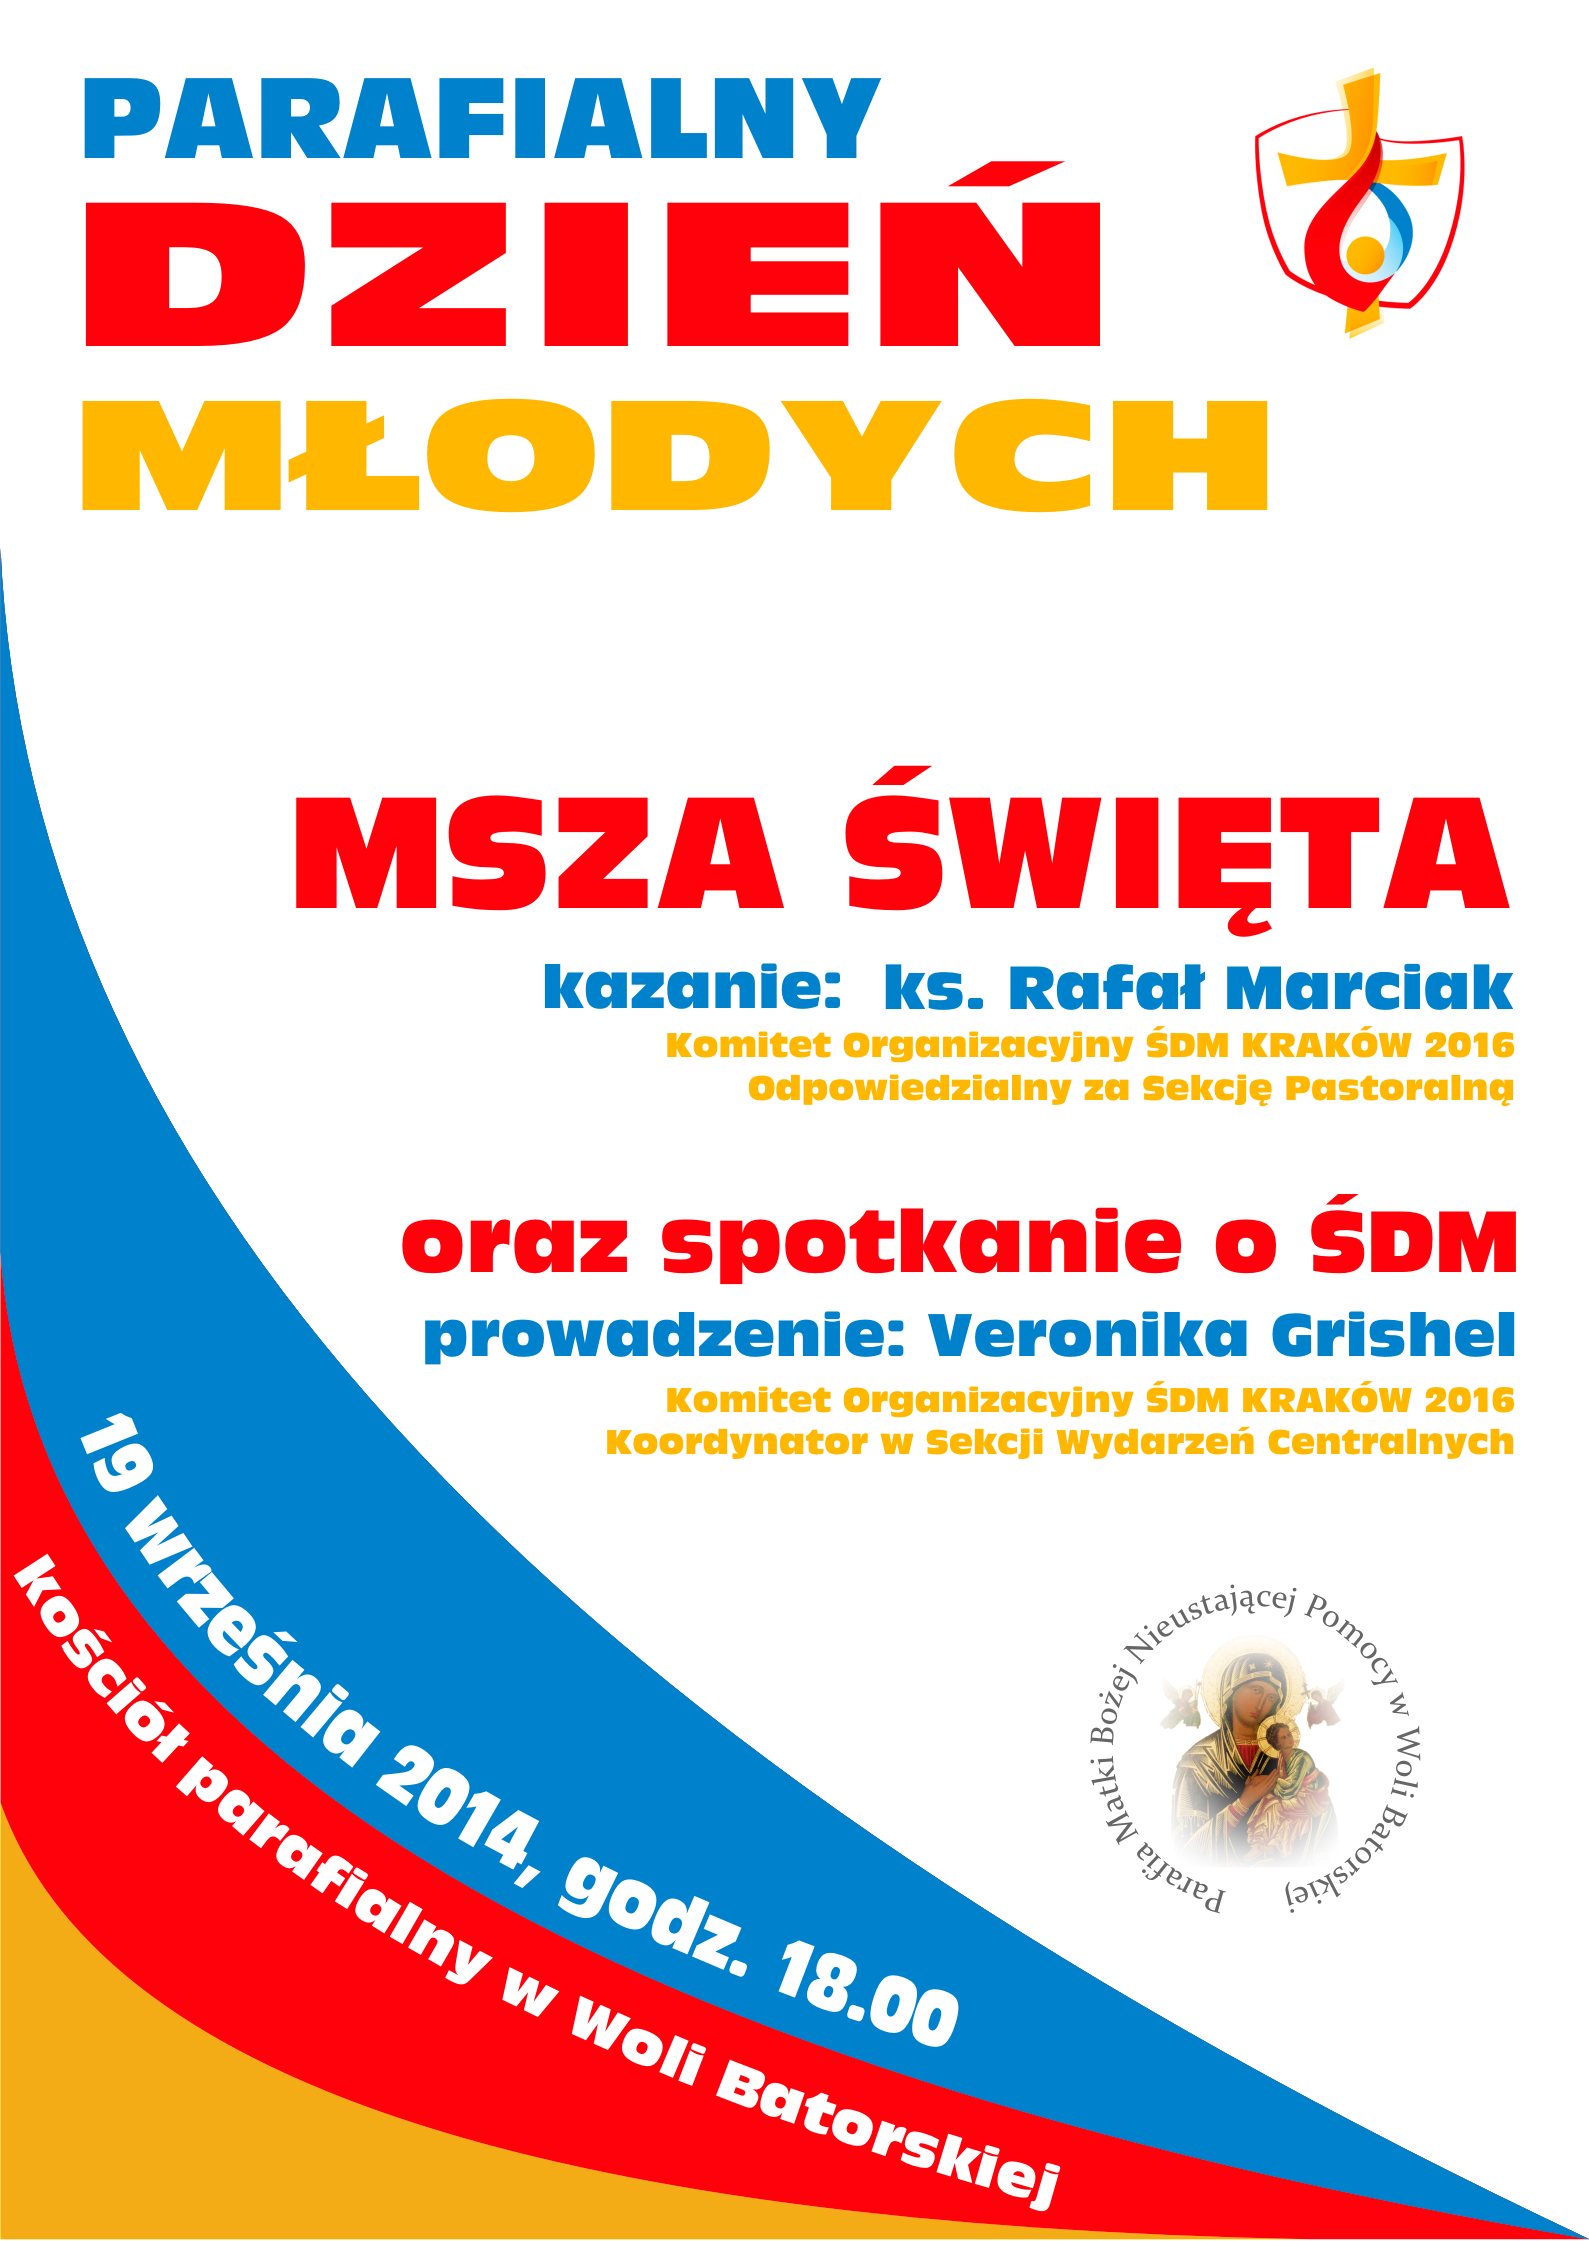 parafialny dzień młodych - 2014 - plakat